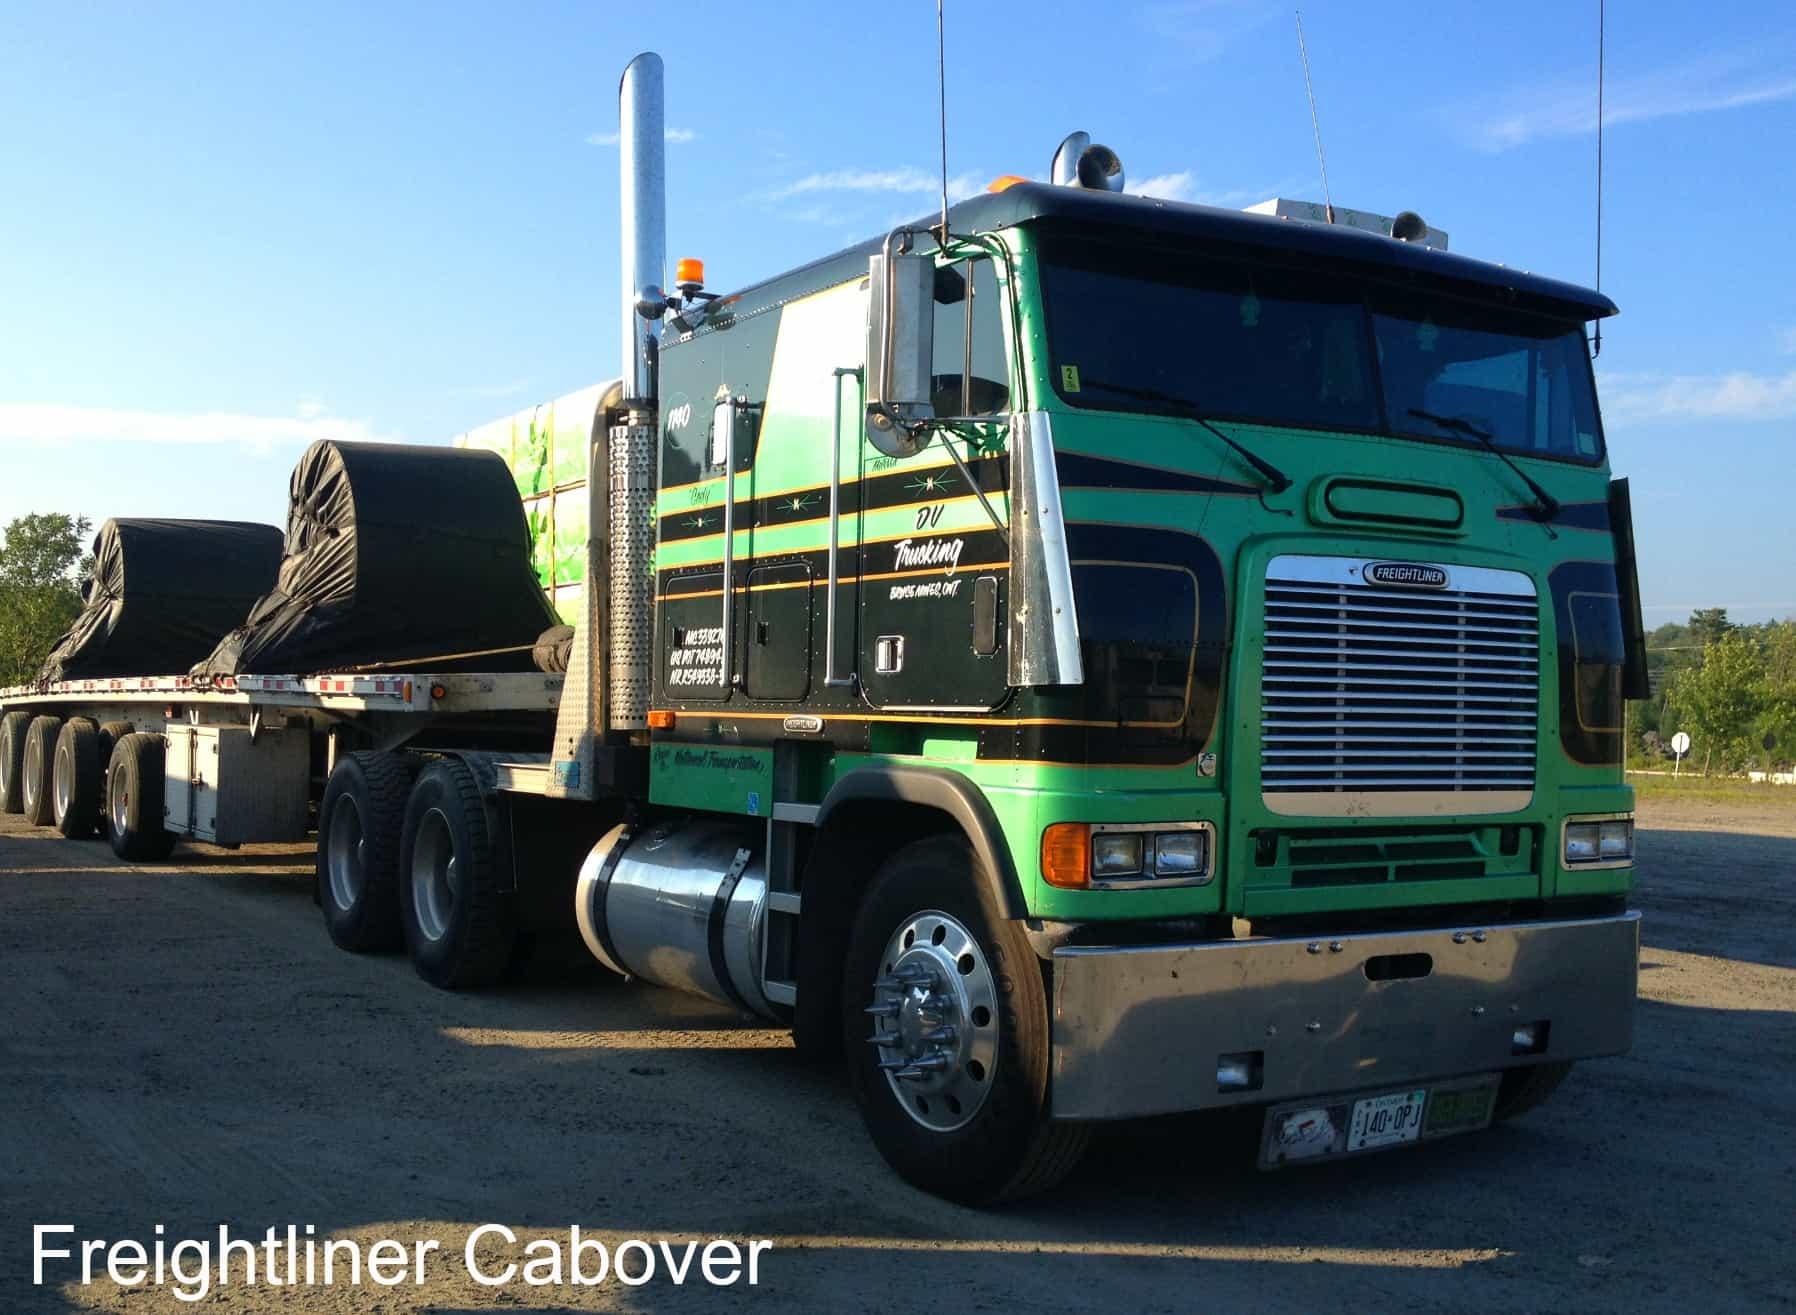 1993 Freightliner Cabover